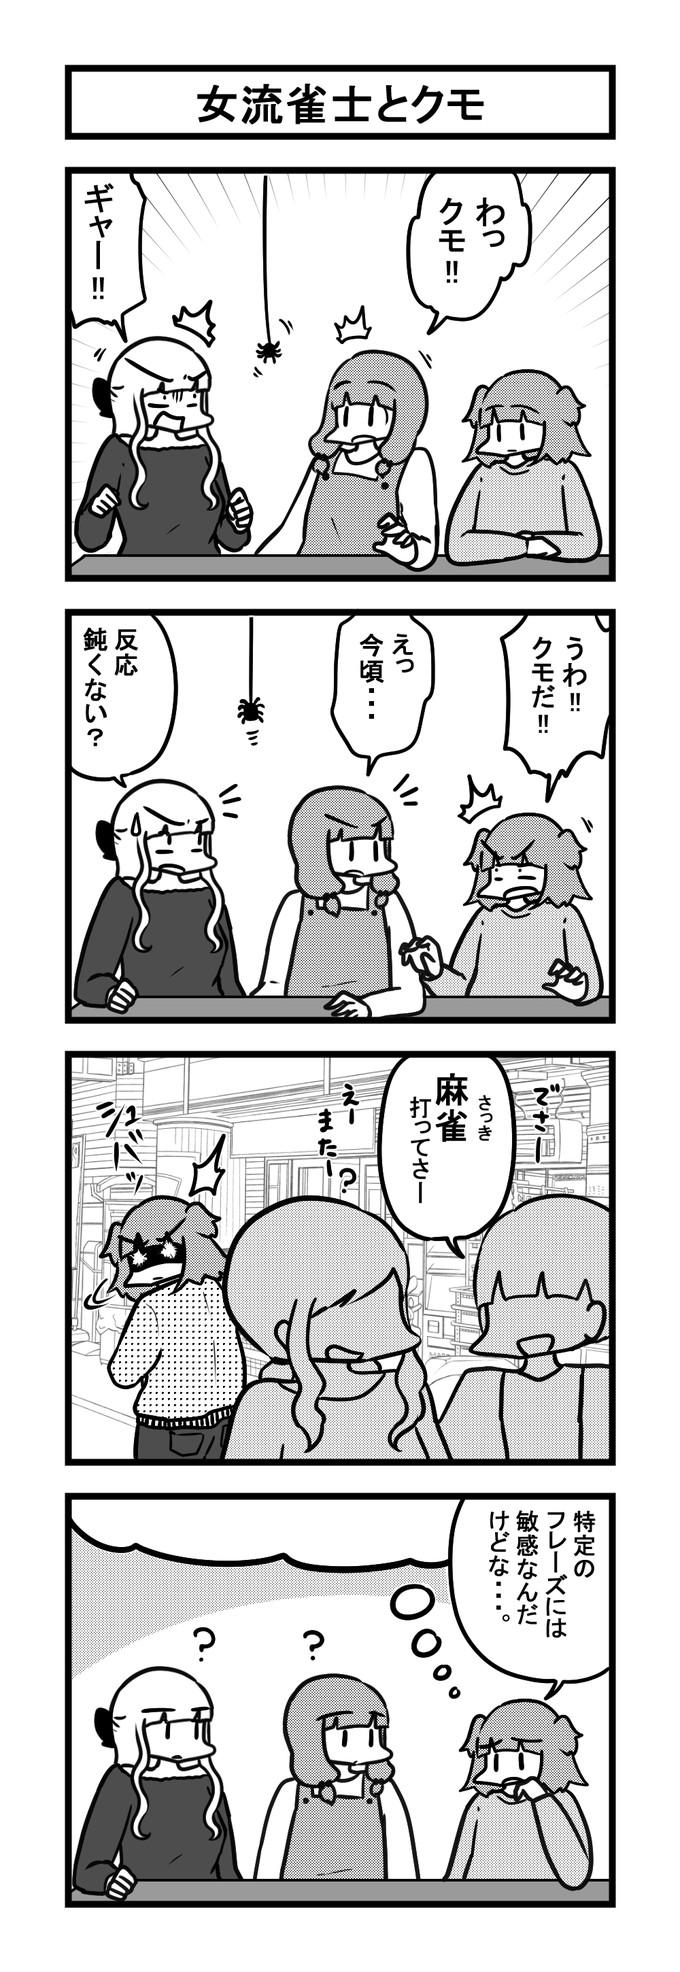 974女流雀士とクモ-min